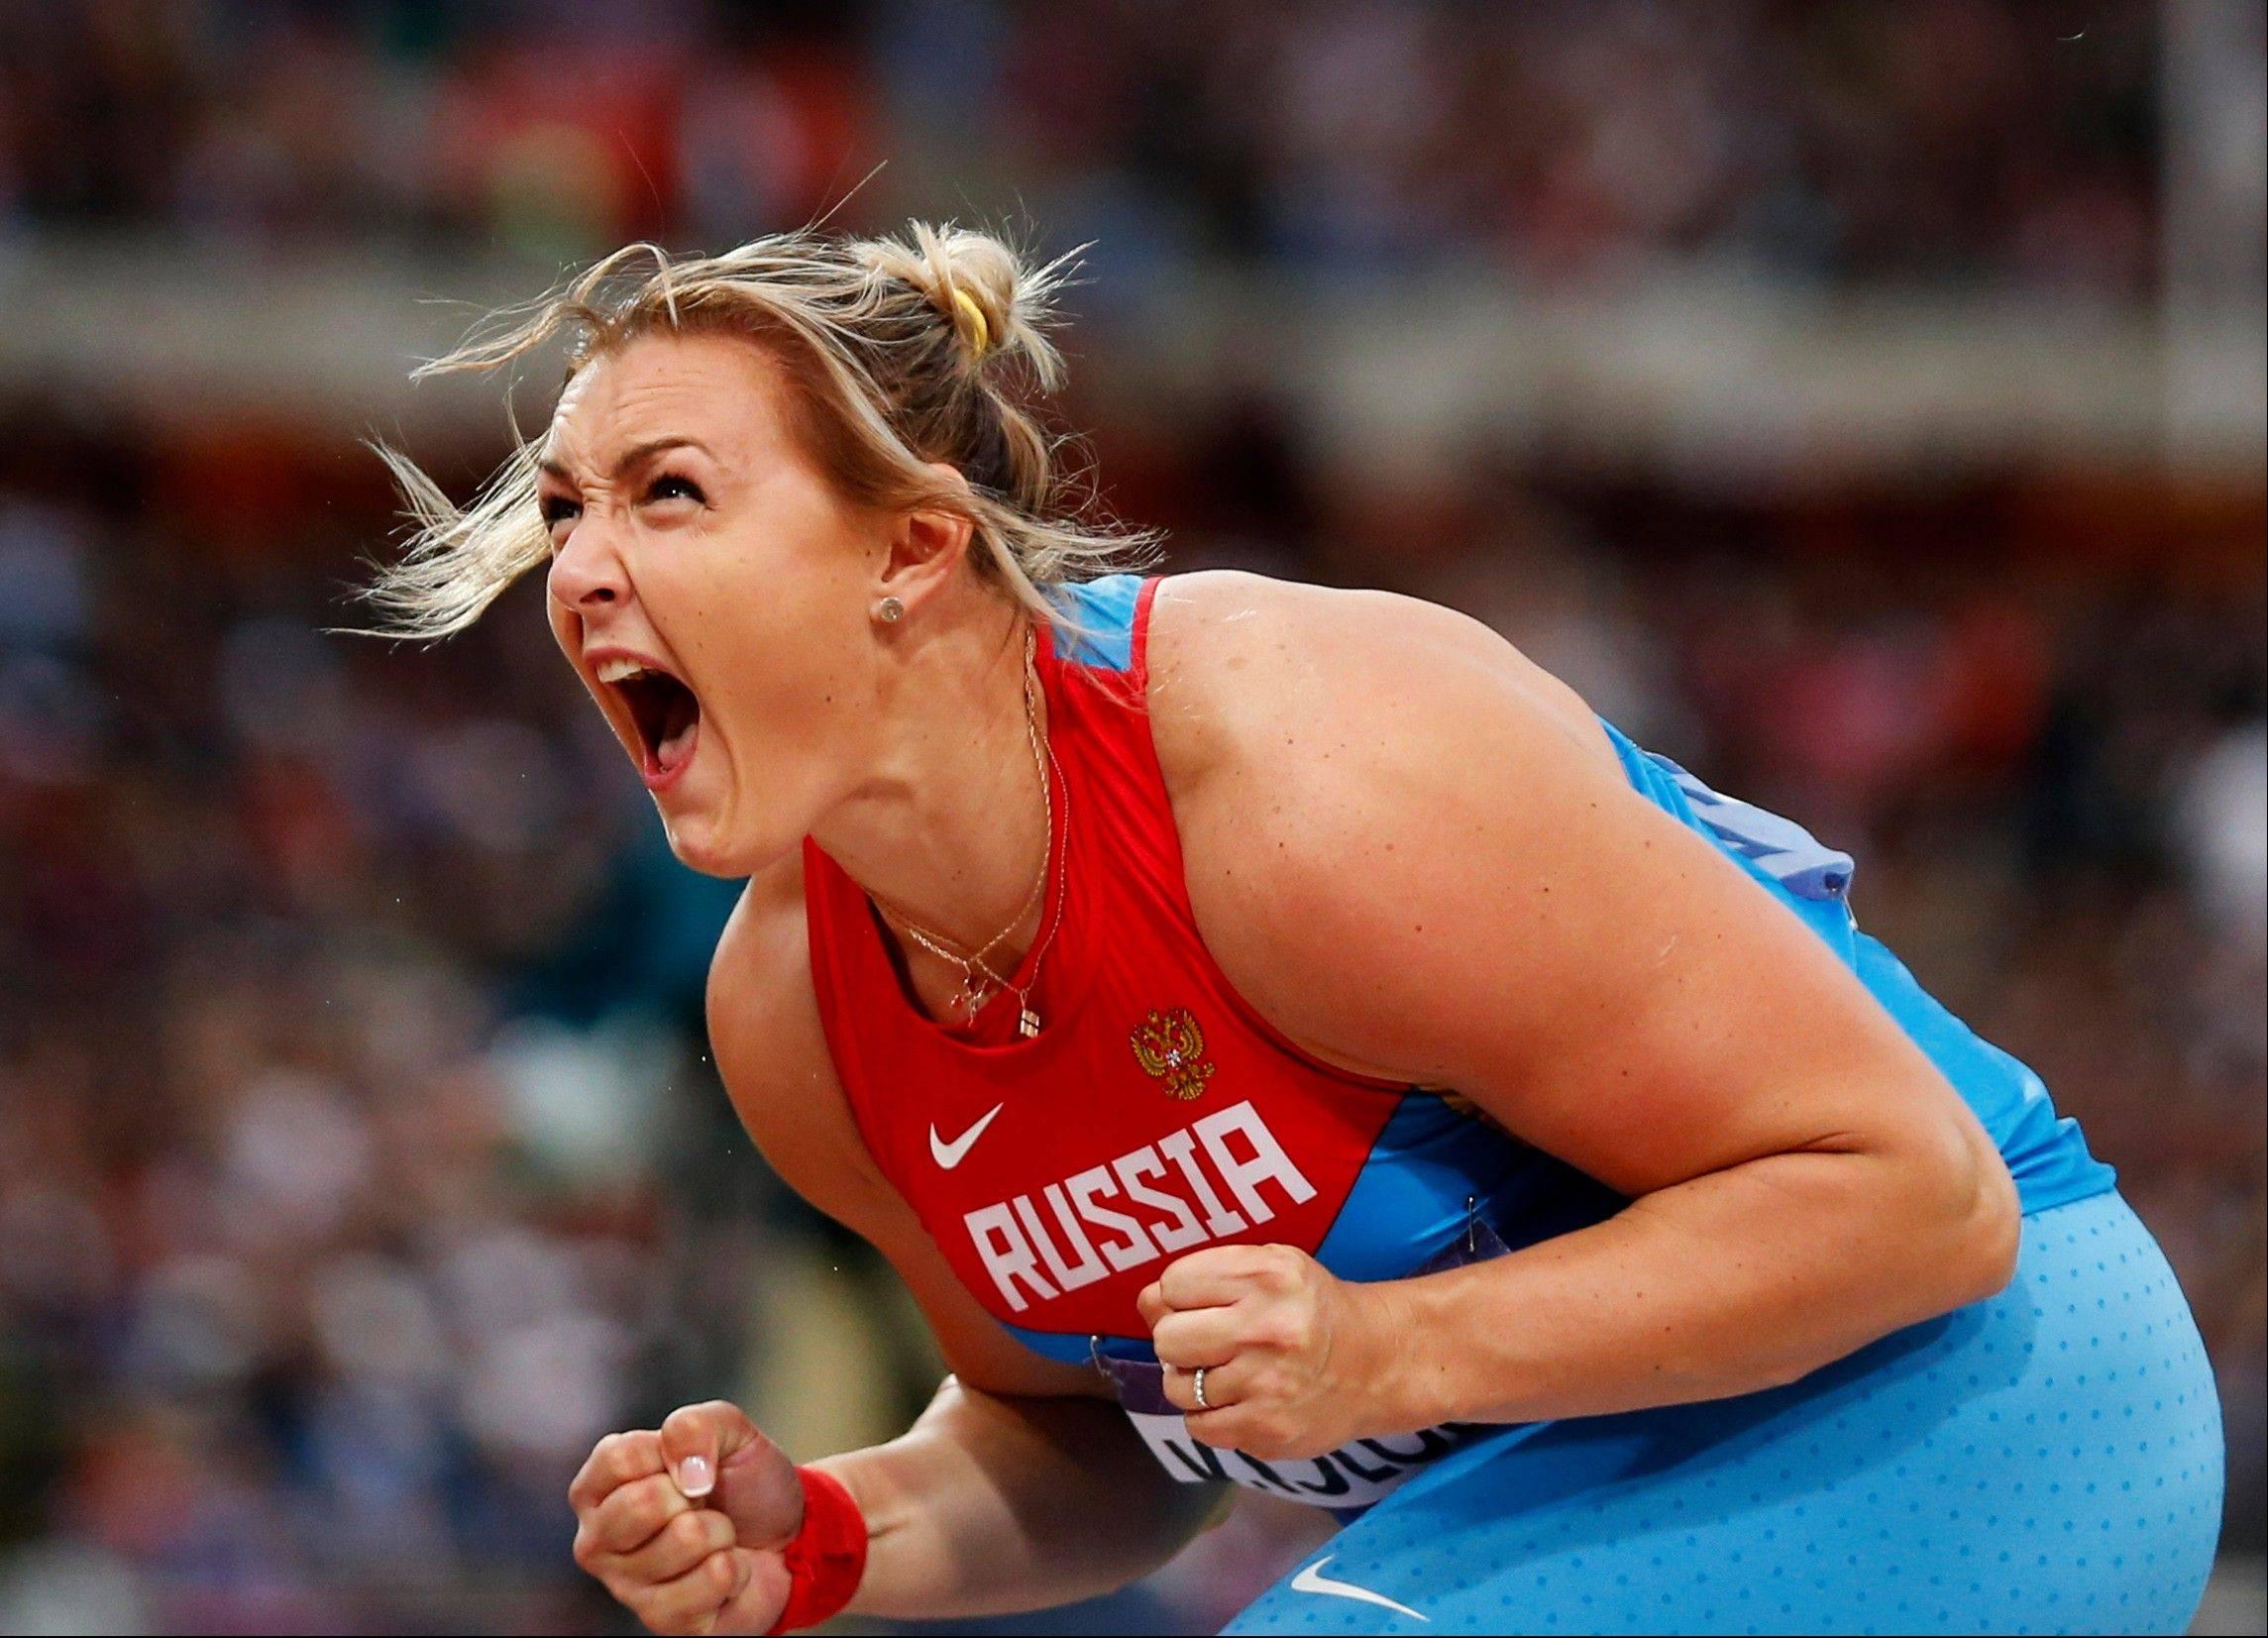 Фото 18 спортсменок, Спортивные девушки -фото. Спортсменки 27 фотография